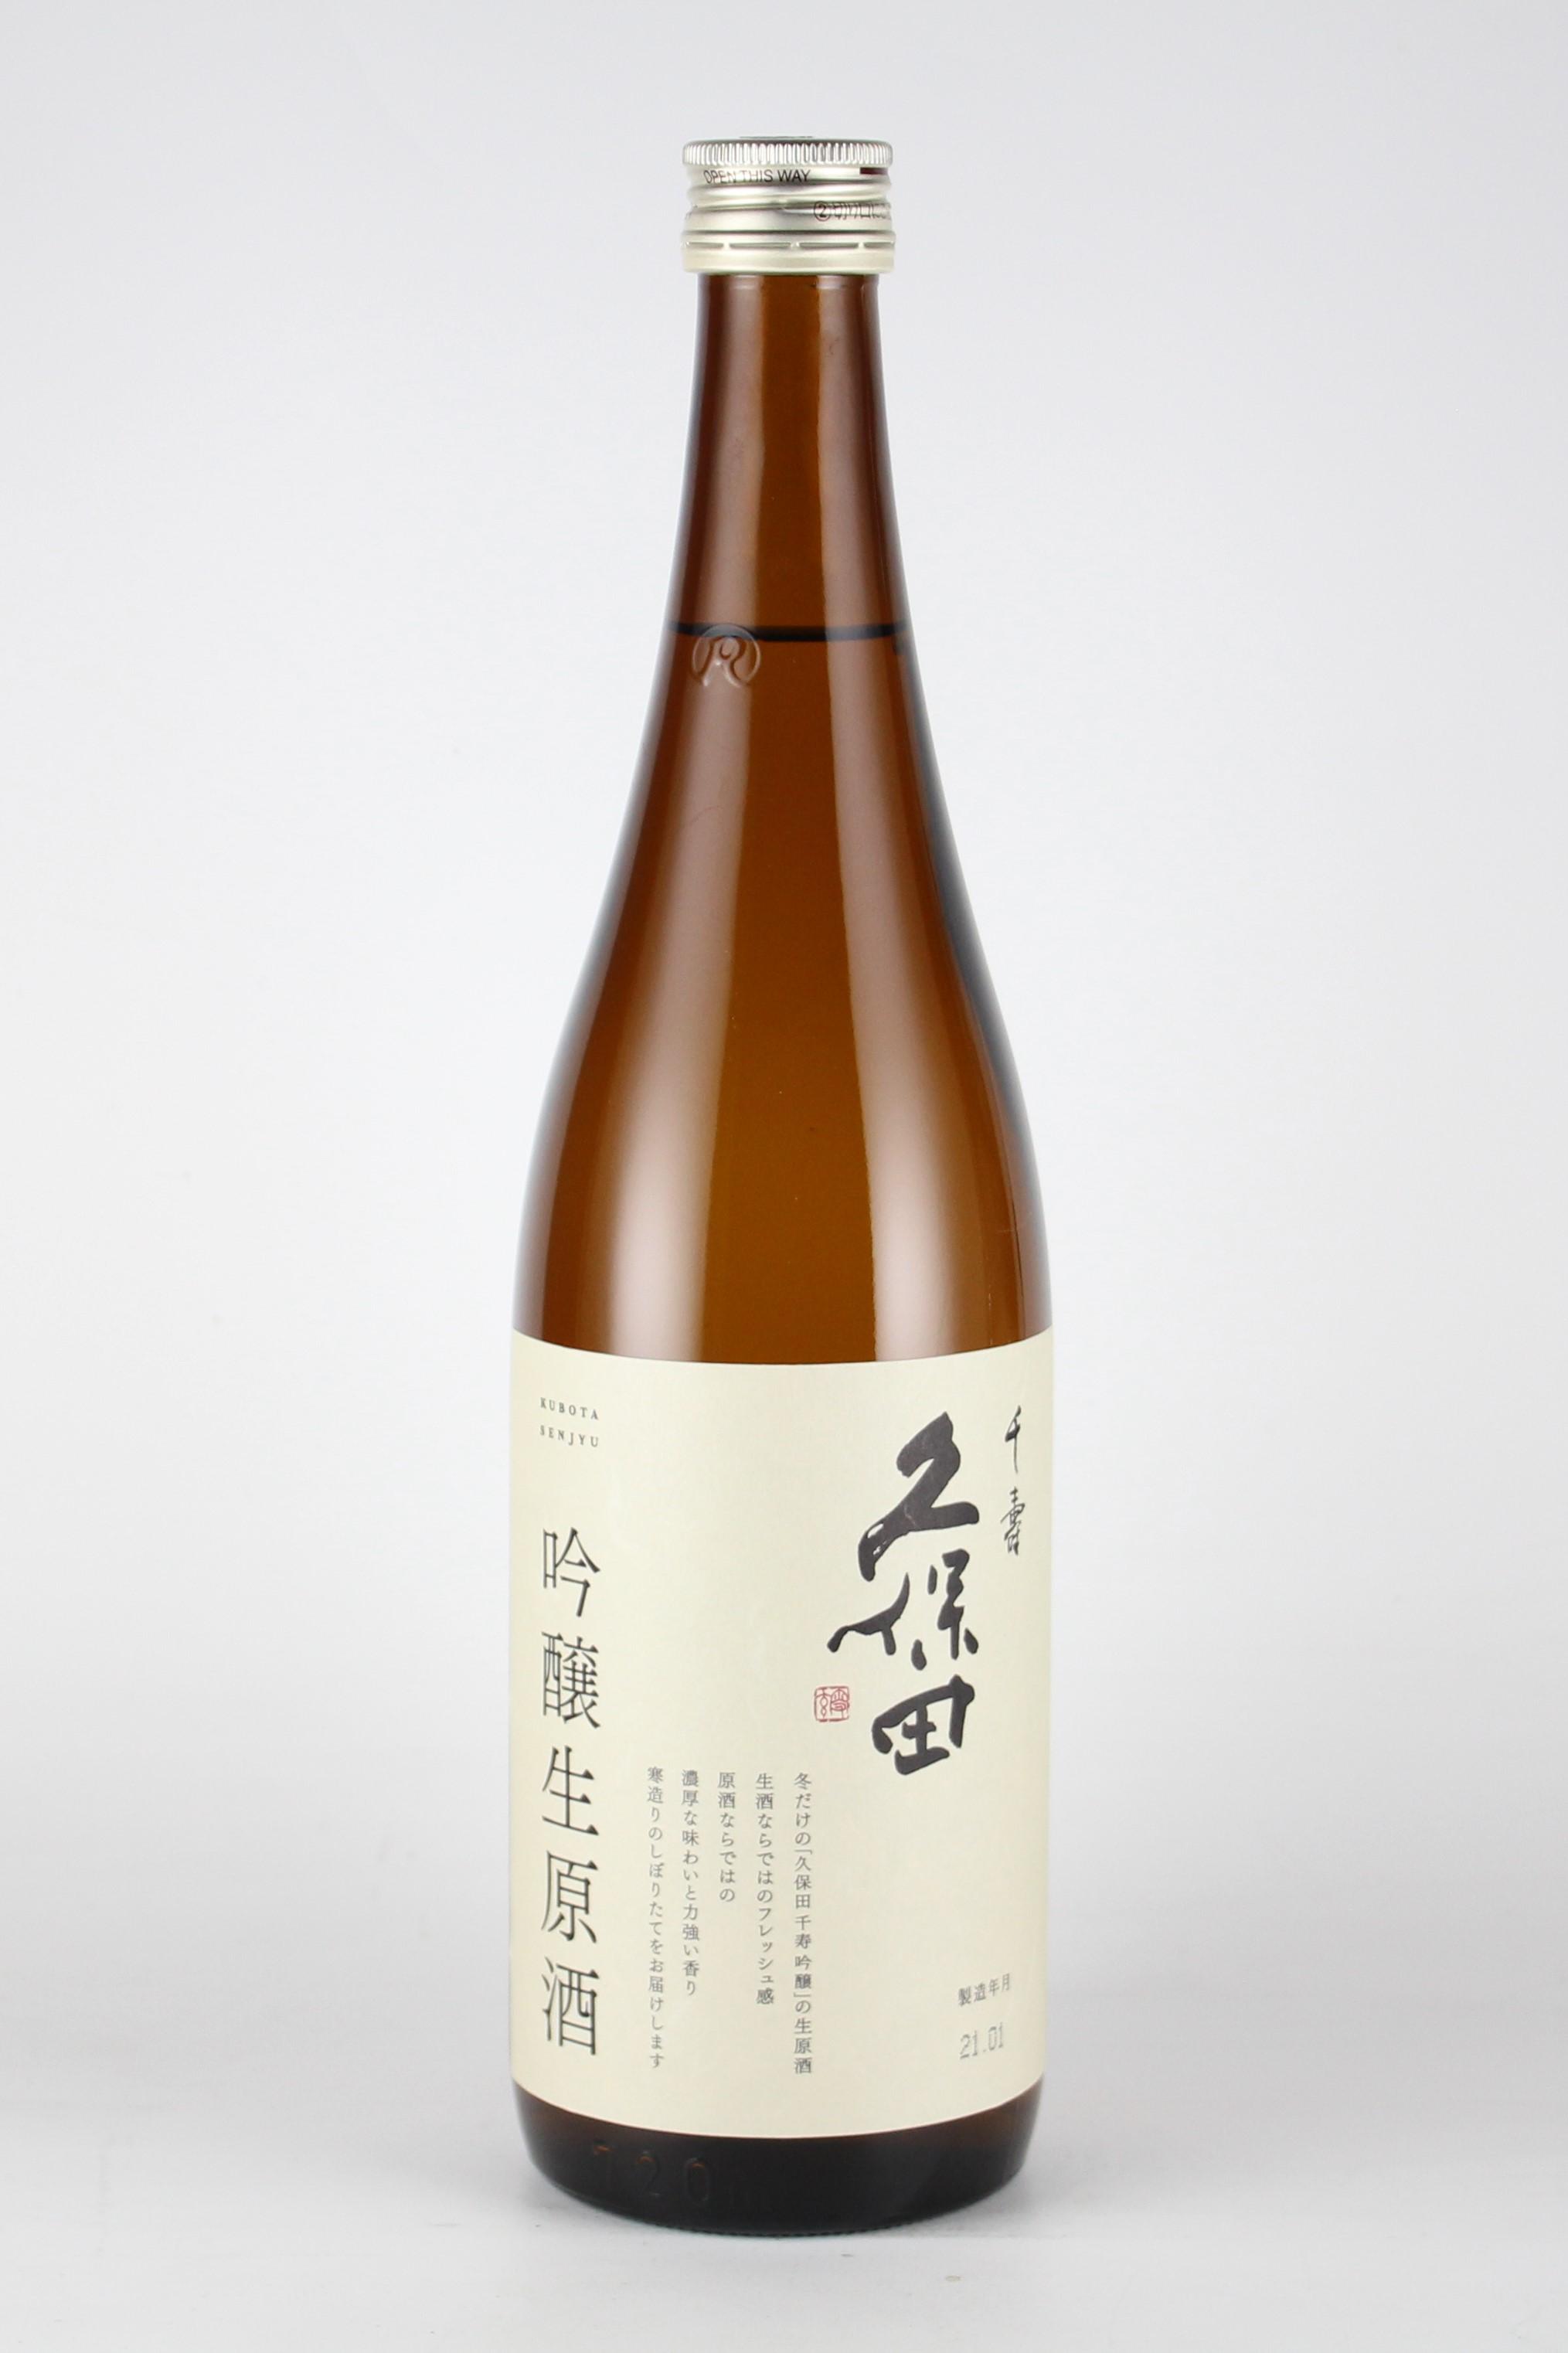 黒牛 純米無濾過生原酒 中取り 山田錦 1800ml 【和歌山/名手酒造店】